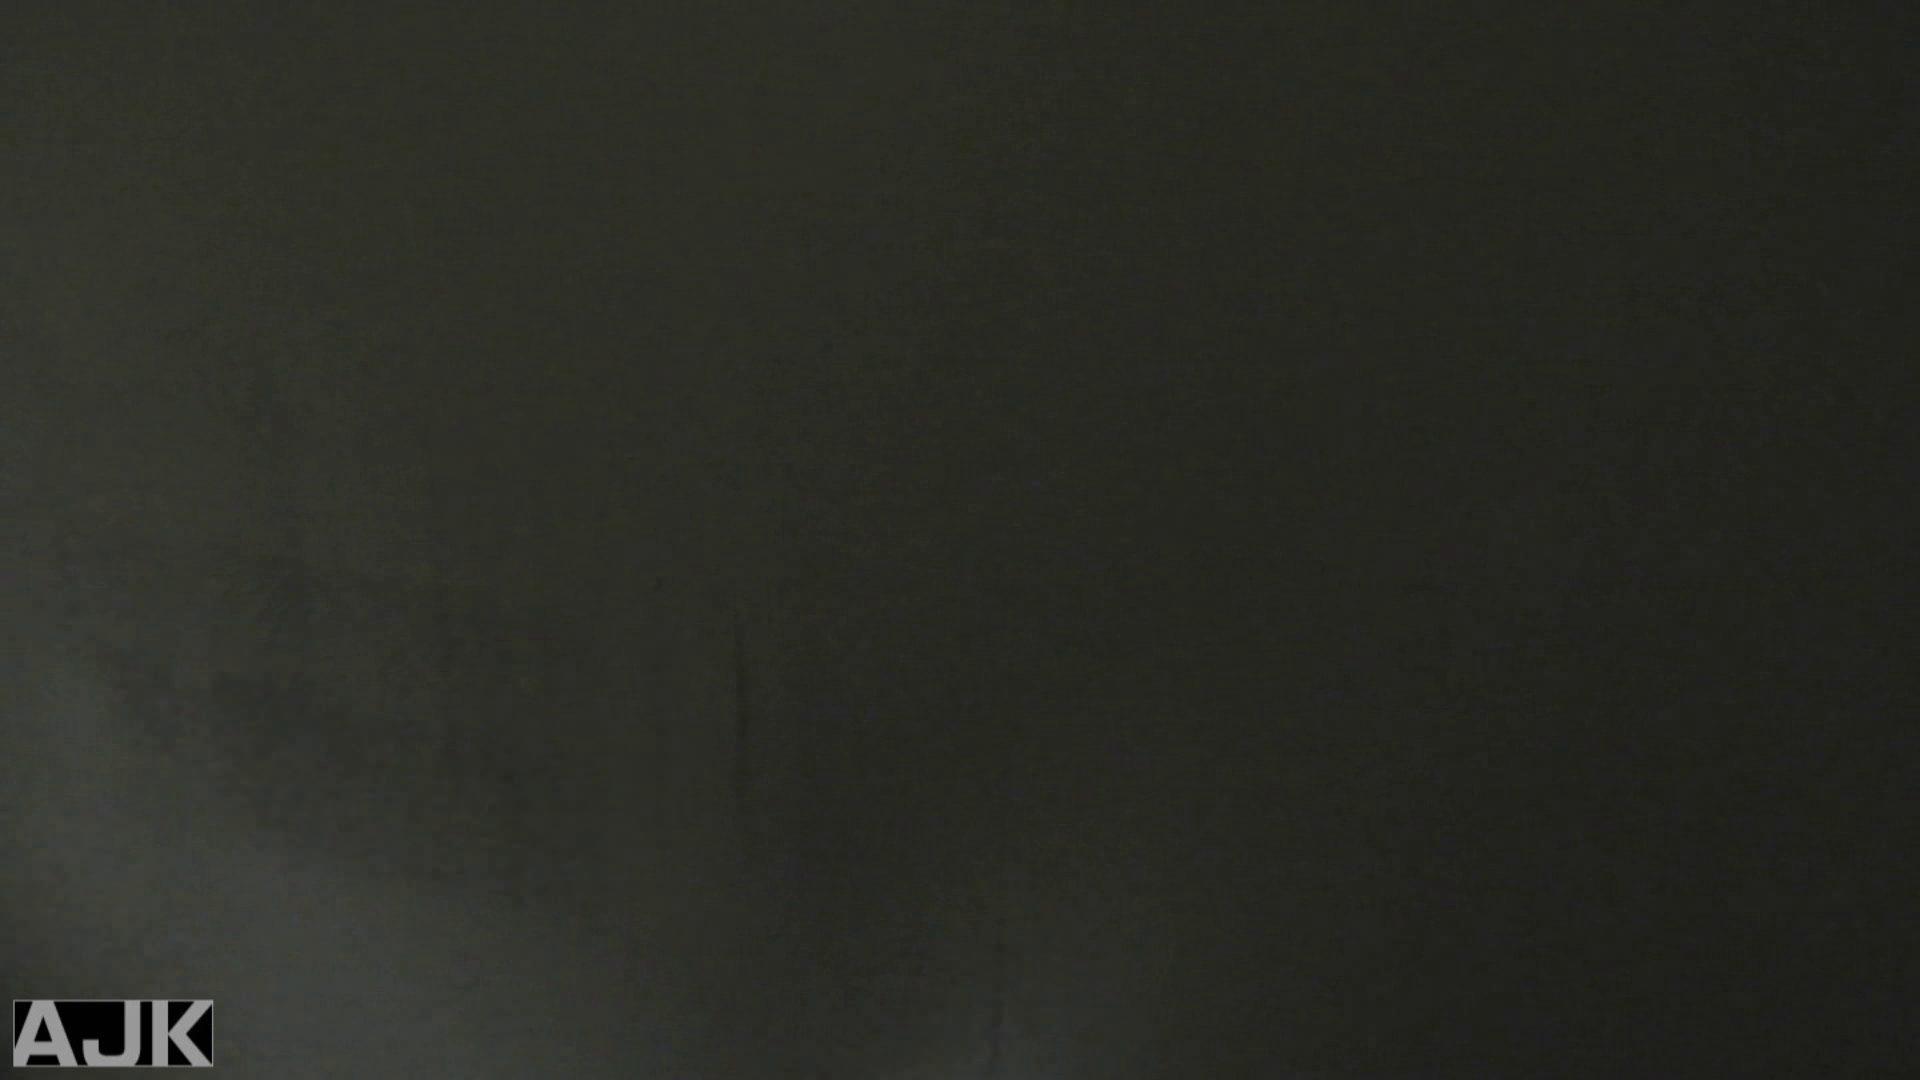 隣国上階級エリアの令嬢たちが集うデパートお手洗い Vol.09 オマンコ見放題 おまんこ動画流出 103枚 27